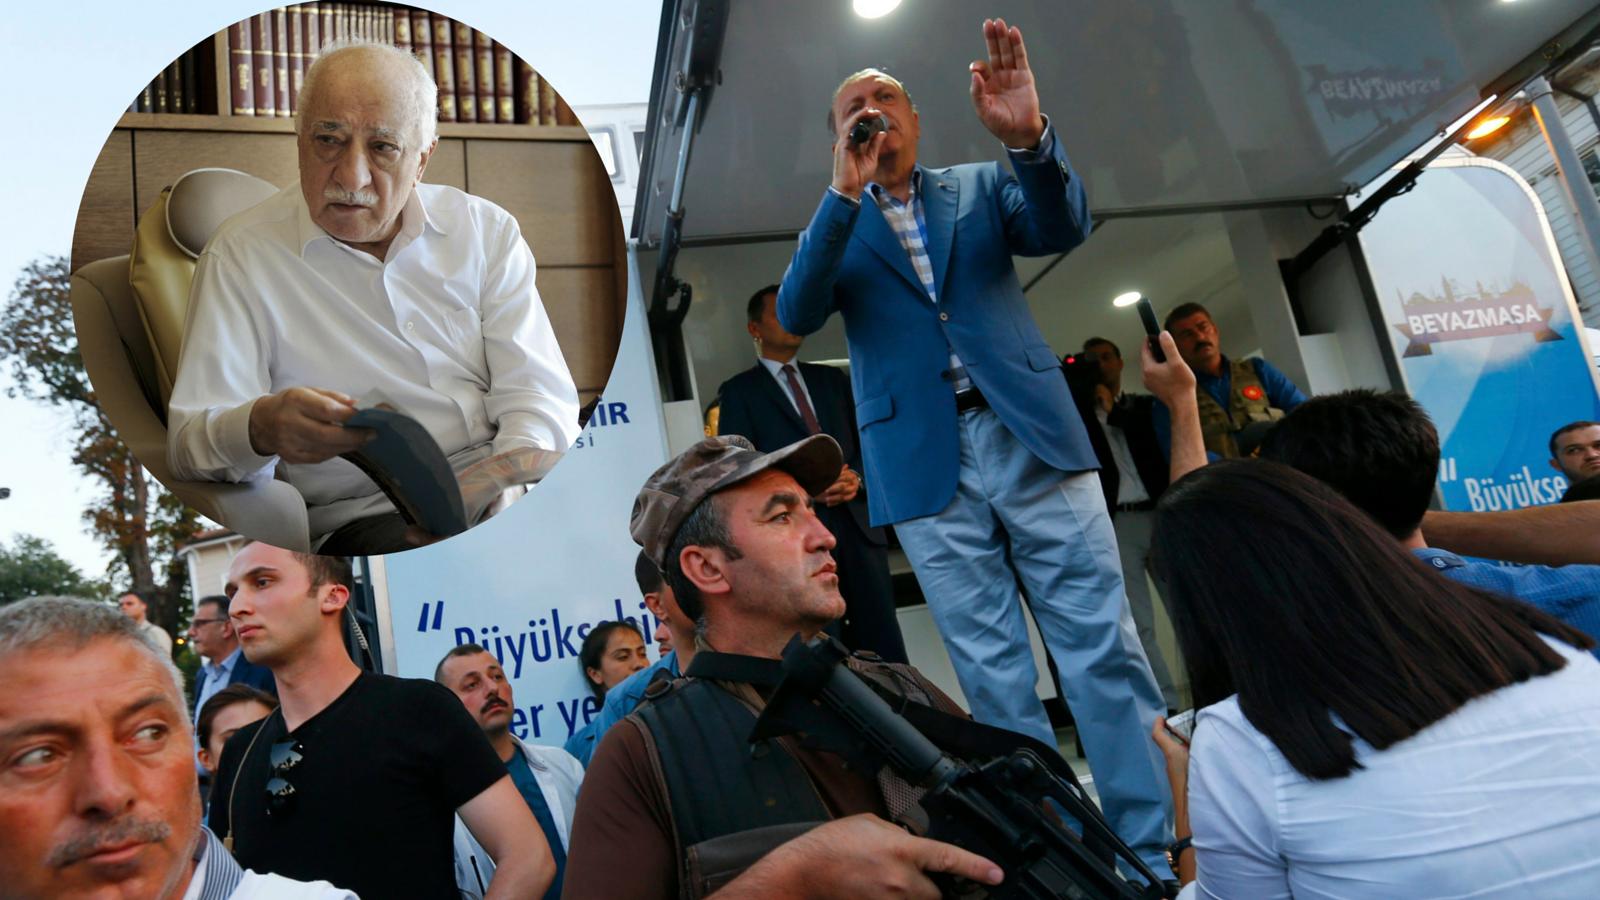 U Turskoj uhitili 6000 ljudi; Gulen: Erdogan stoji iza svega